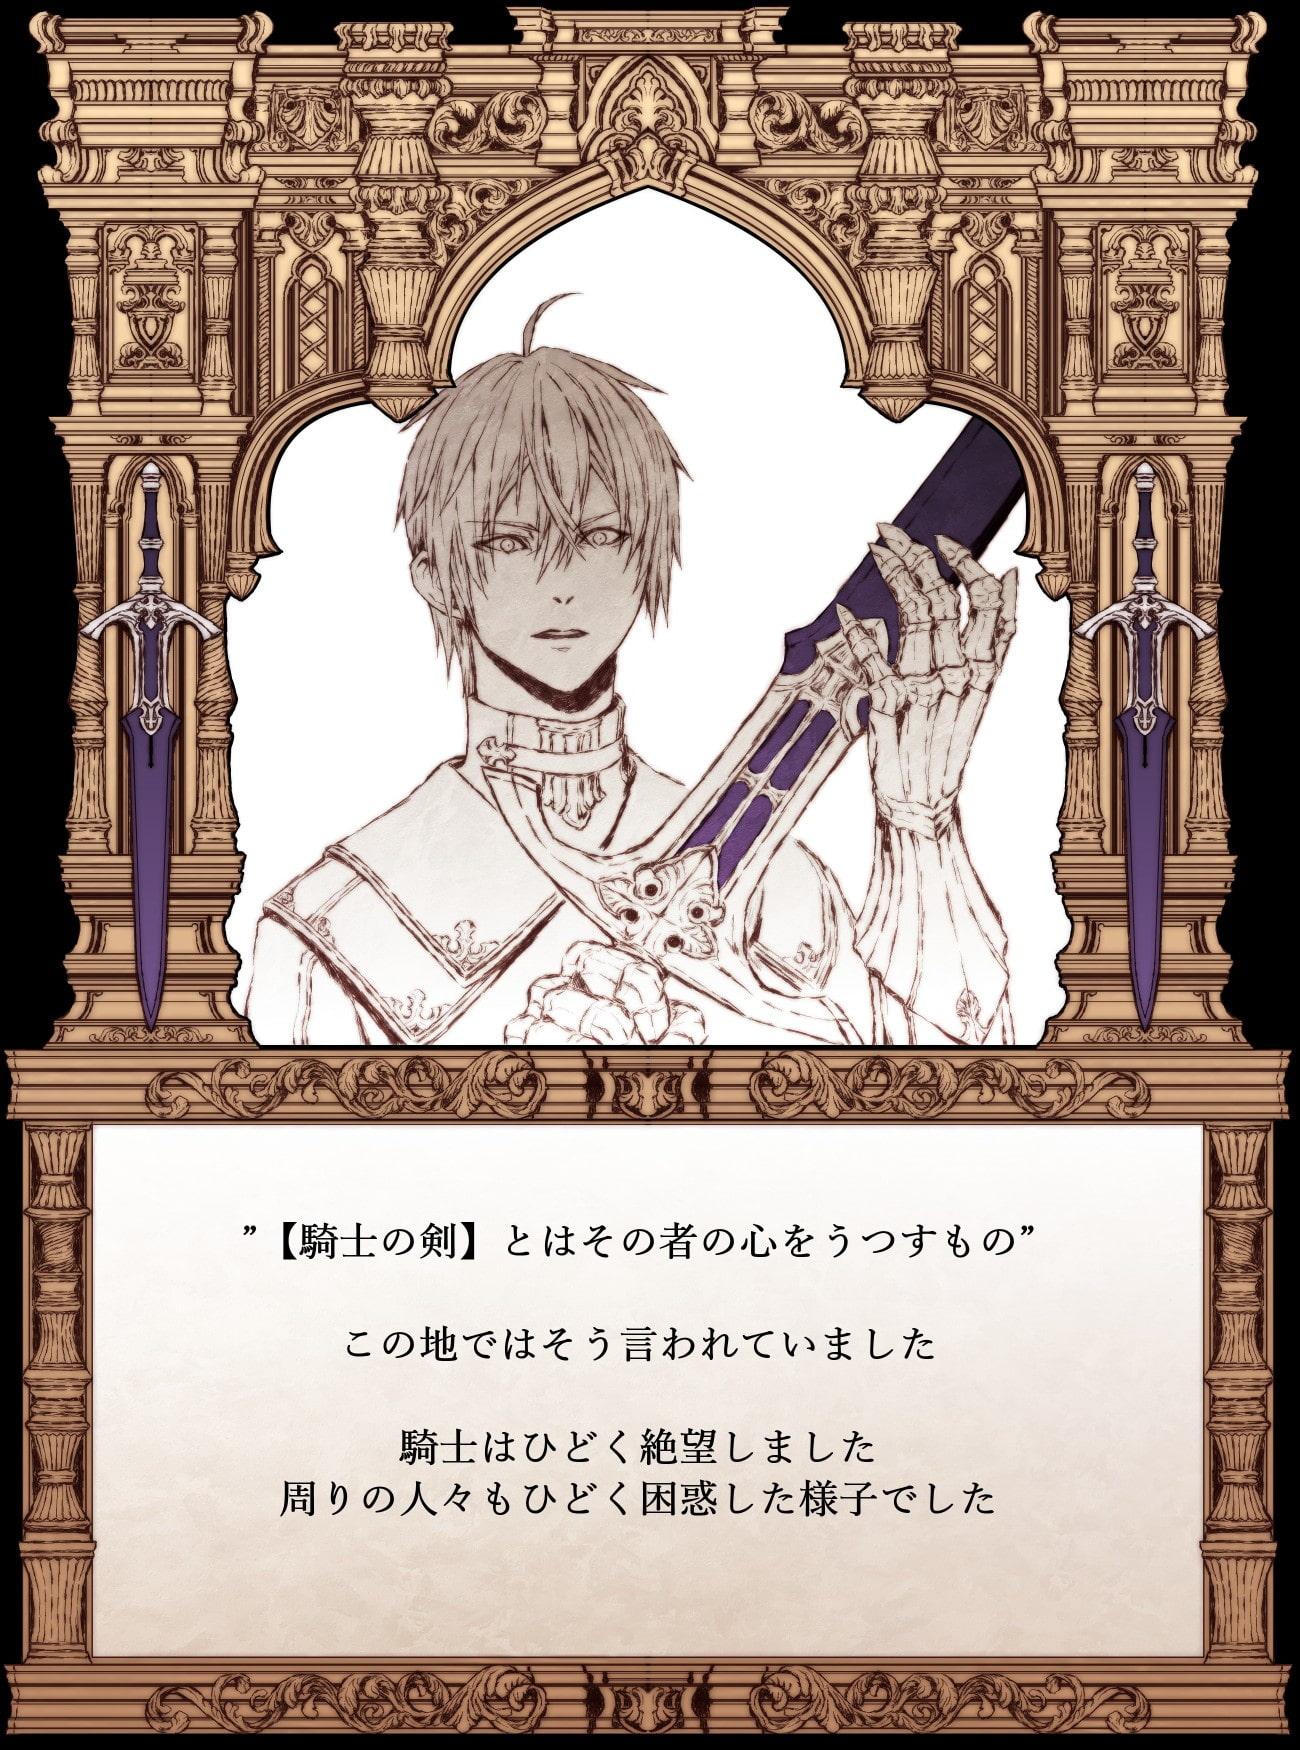 【絵本】純白の黒騎士と涙の女神